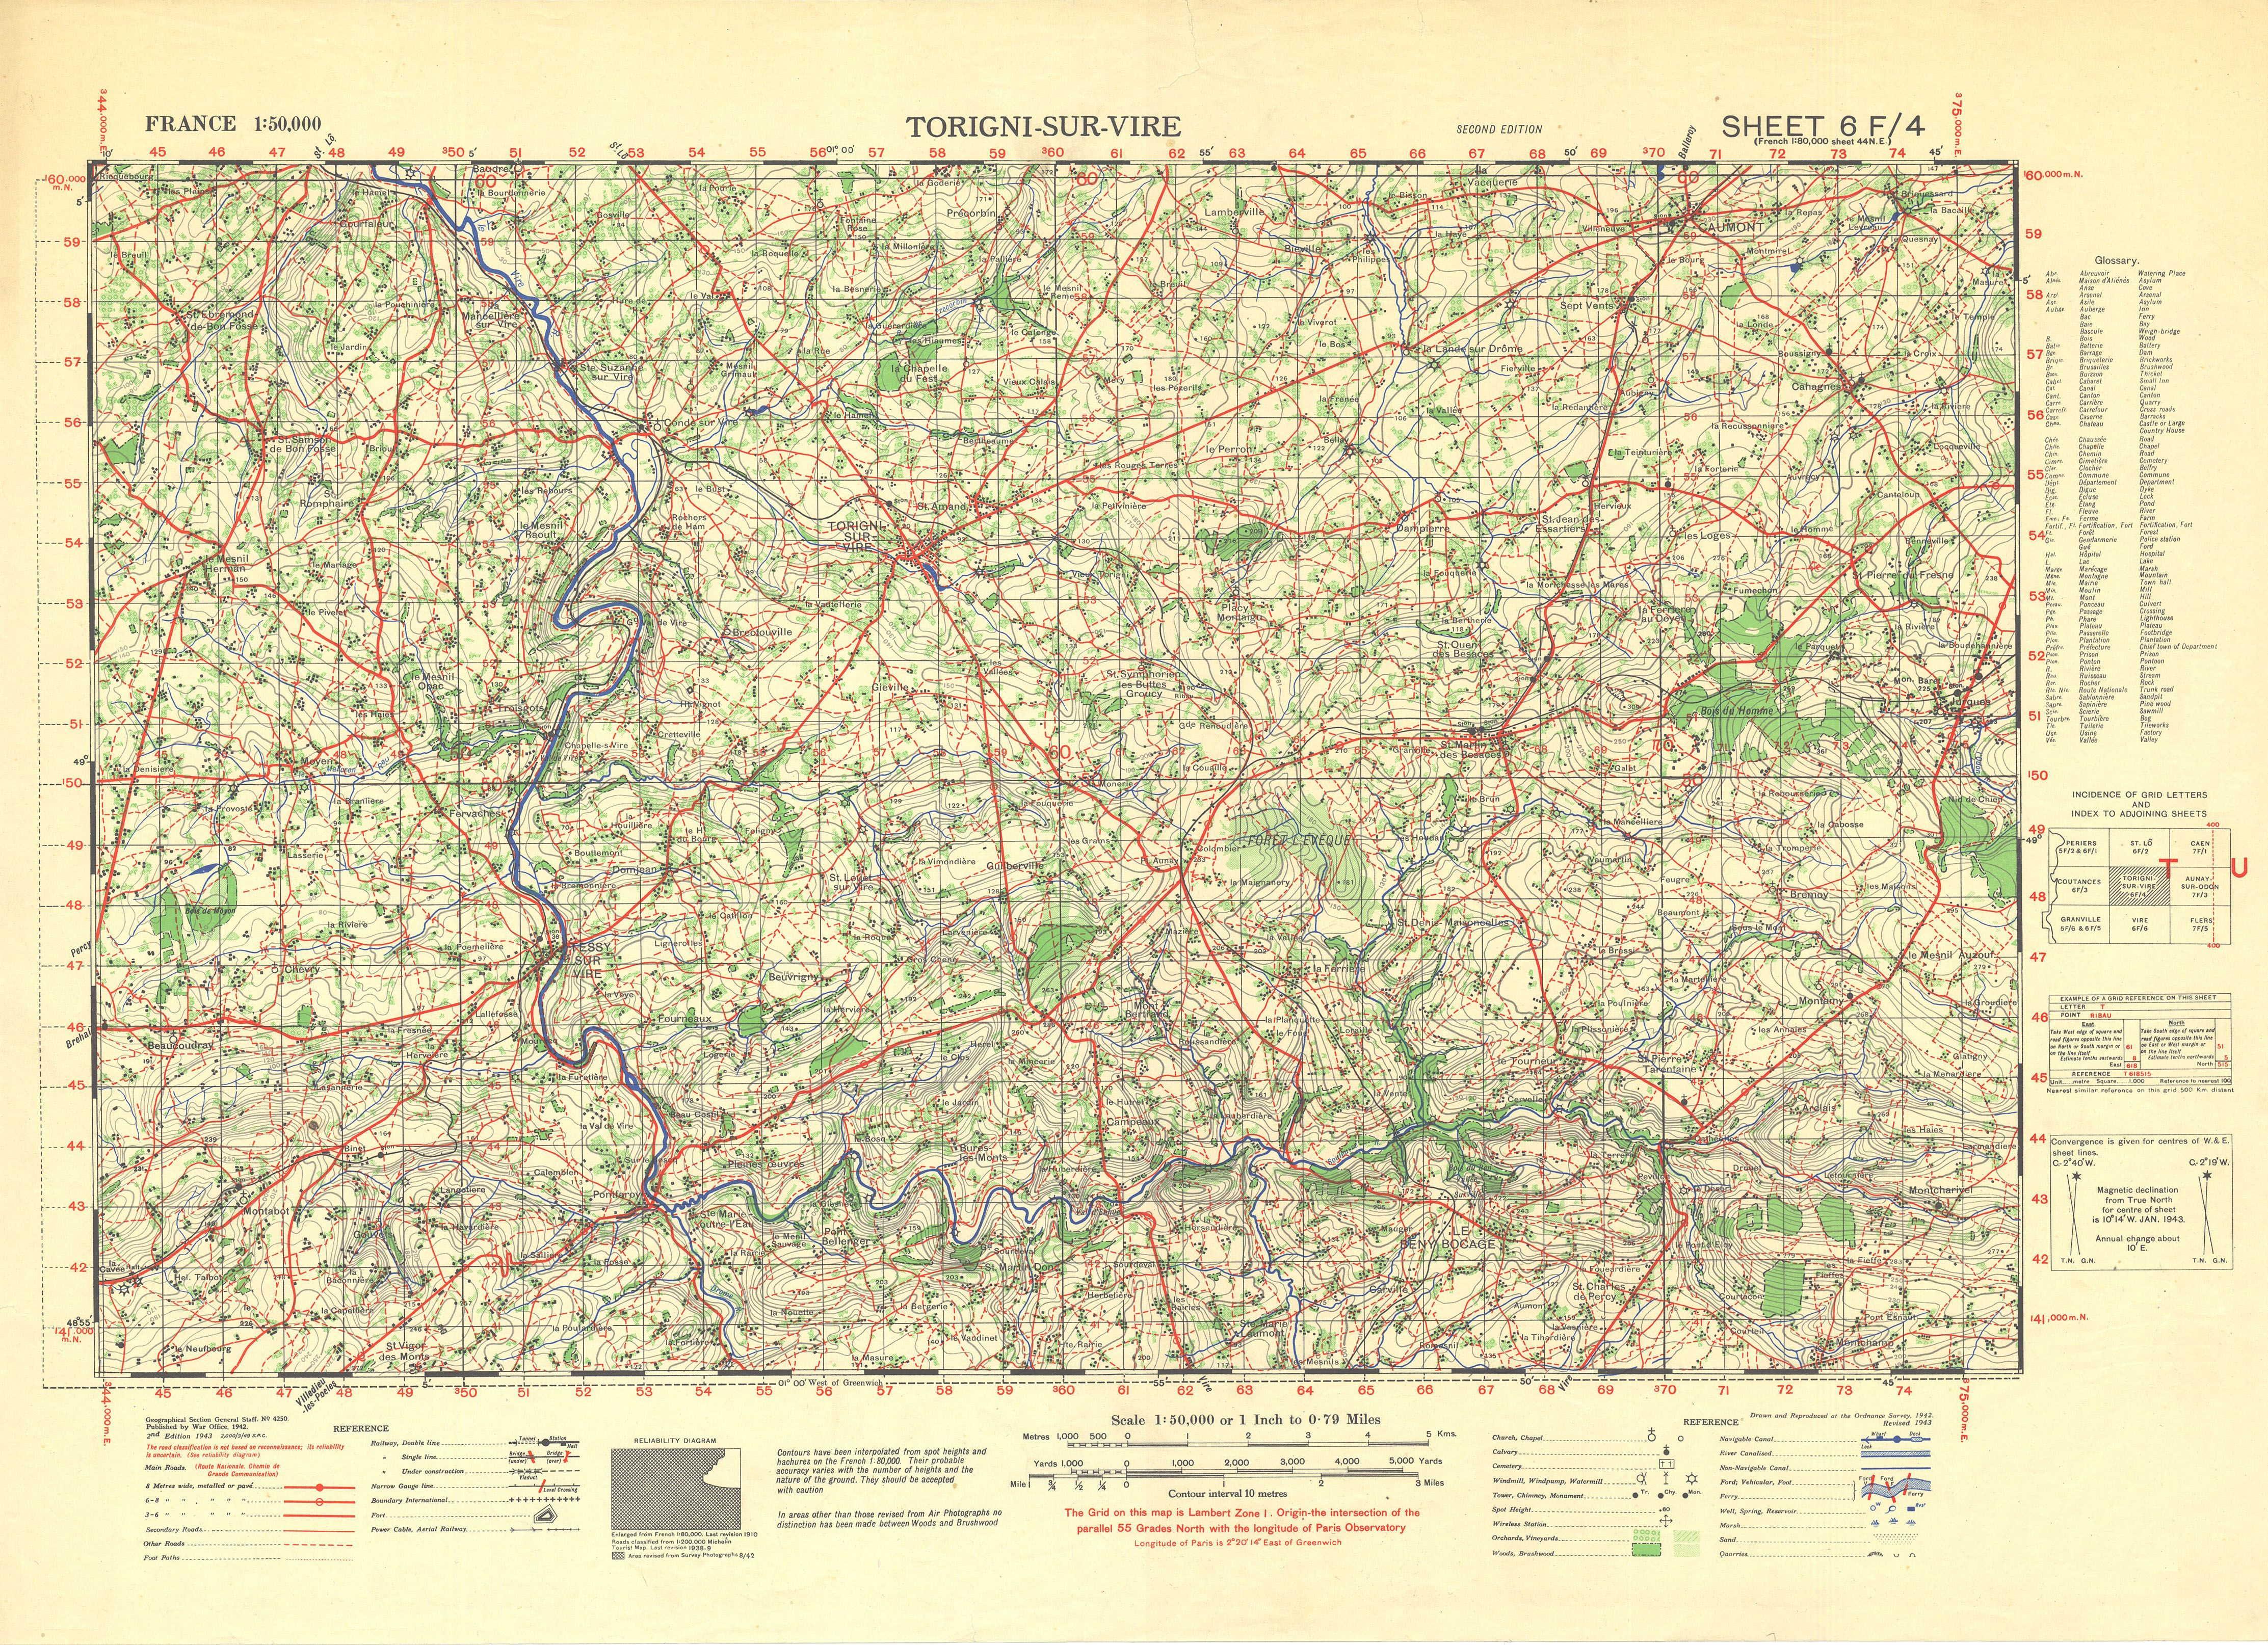 009A - GSGS-4250-6F-4-Torigni-Sur-Vire